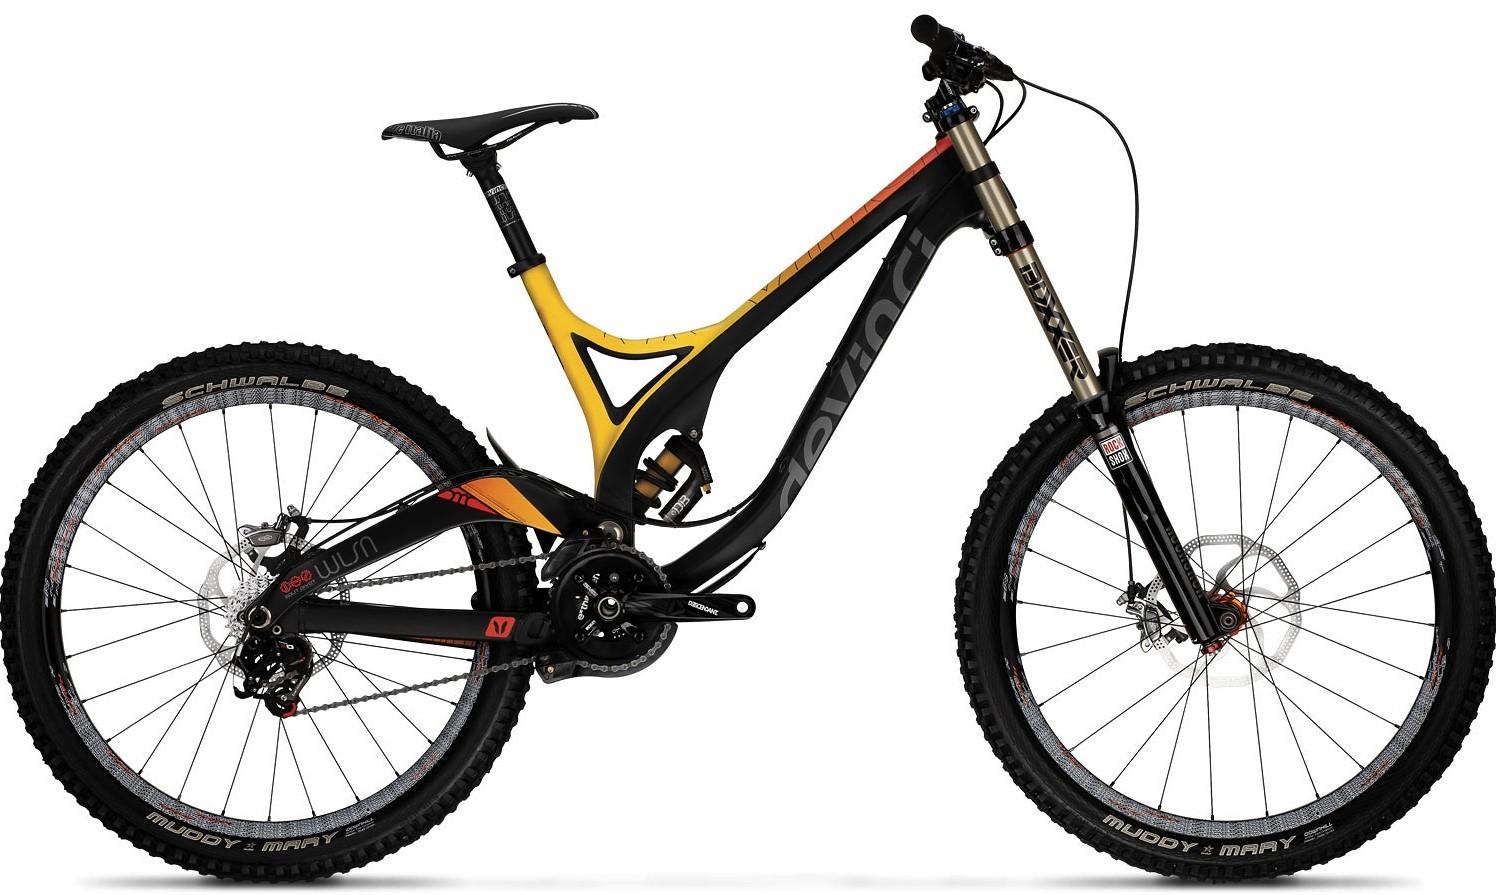 2013 Devinci Wilson Carbon SL Bike 2013 Devinci Wilson Carbon SL